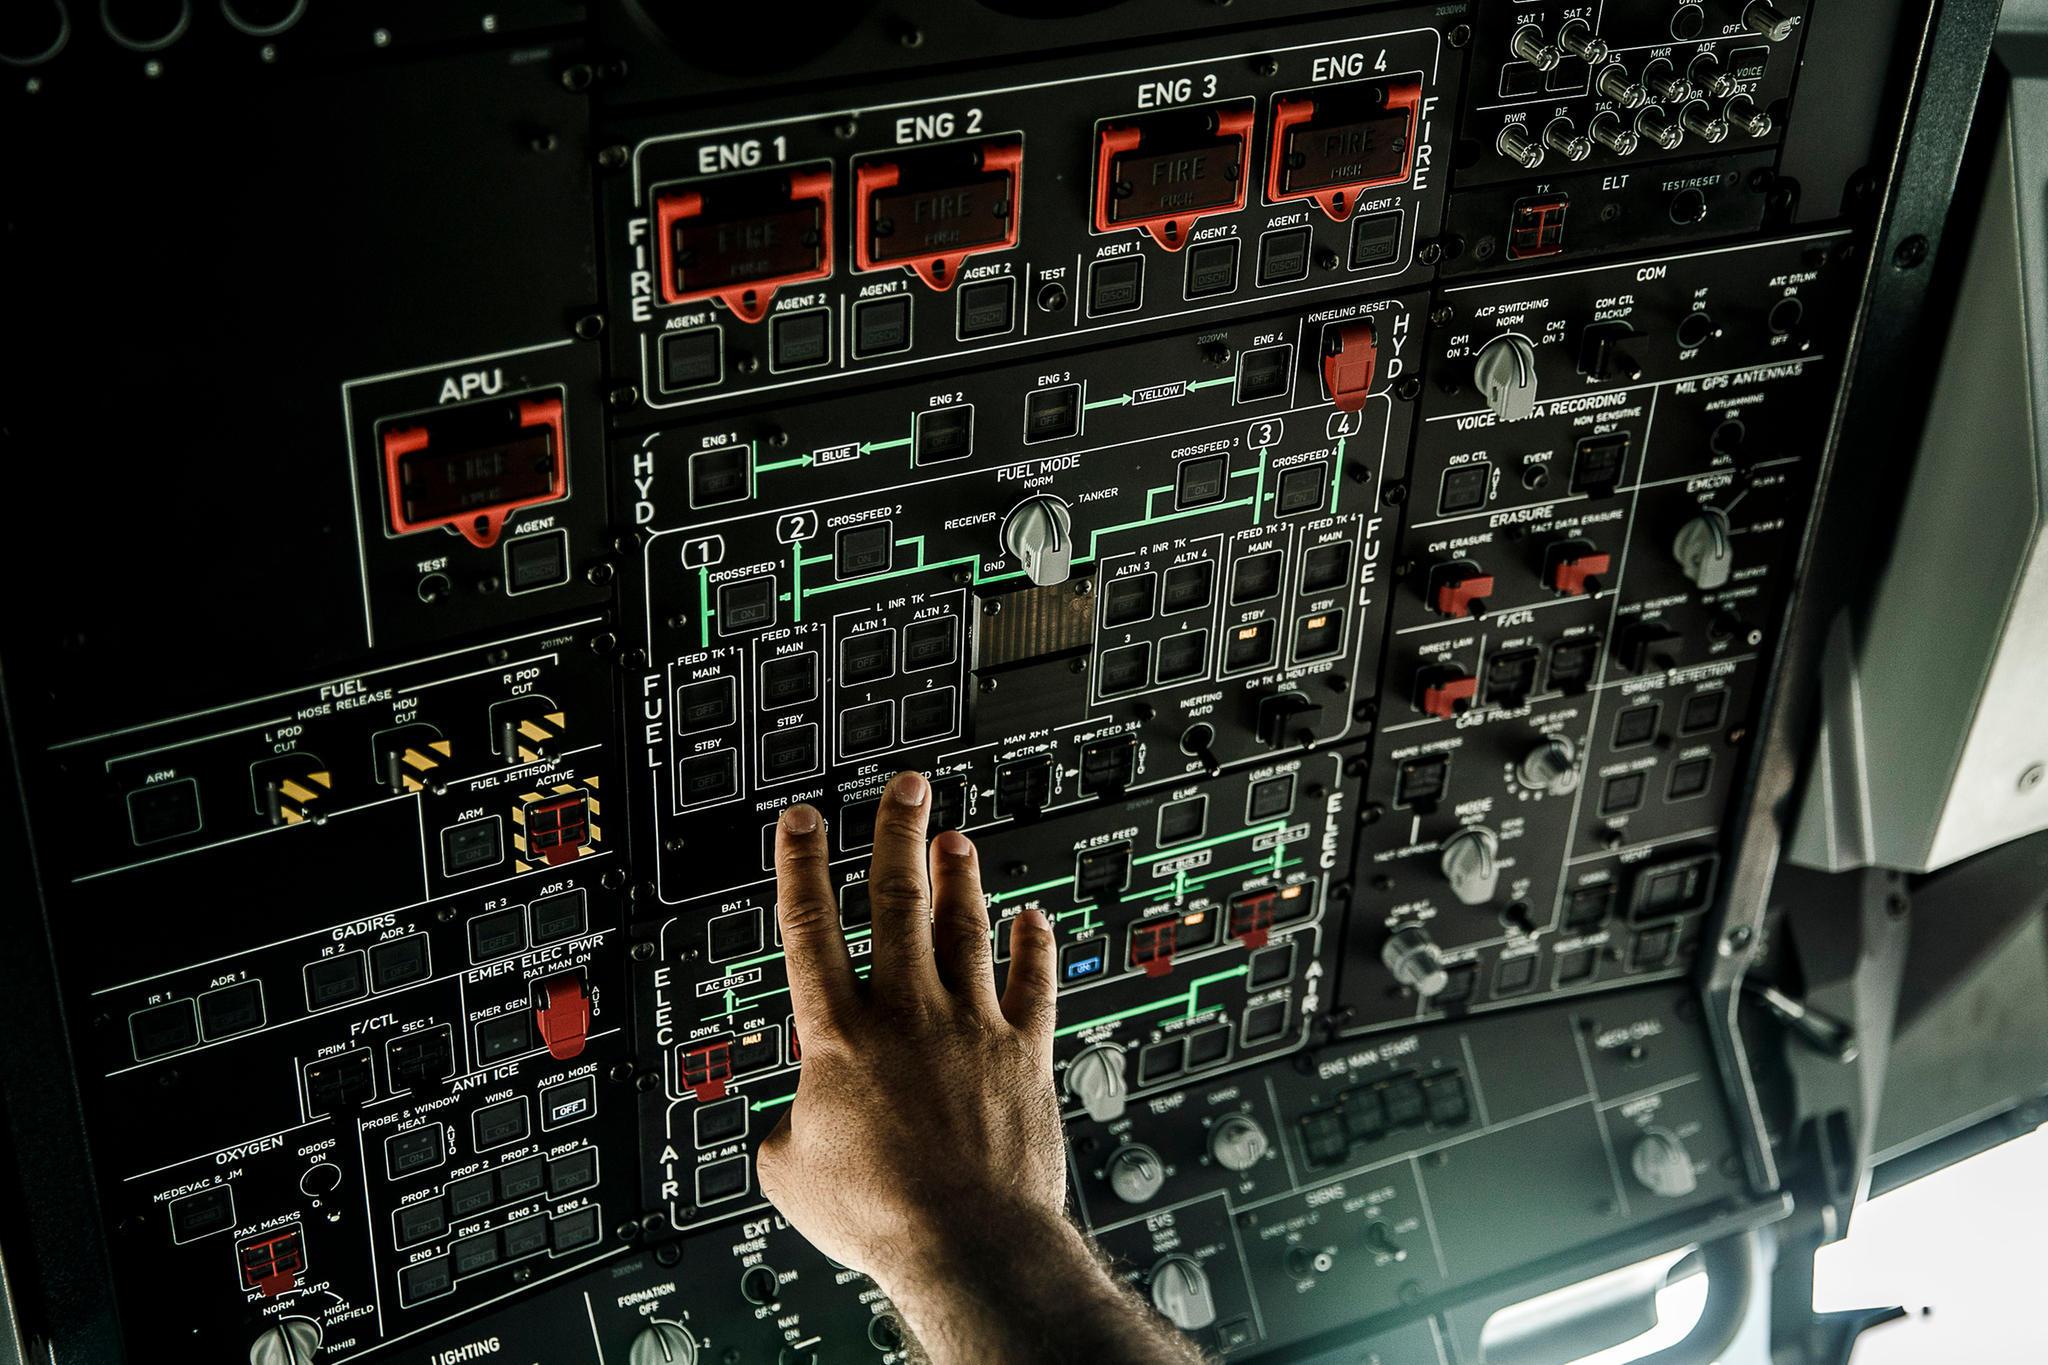 Ein betrunkener Pilot im Cockpit? Eine Horrorvorstellung für alle Passagiere